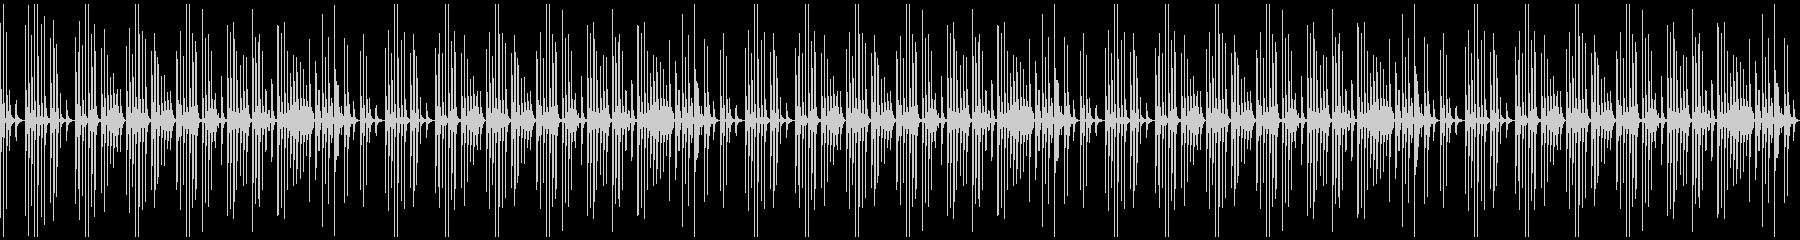 トークBGM ゆるい ループ処理済の未再生の波形